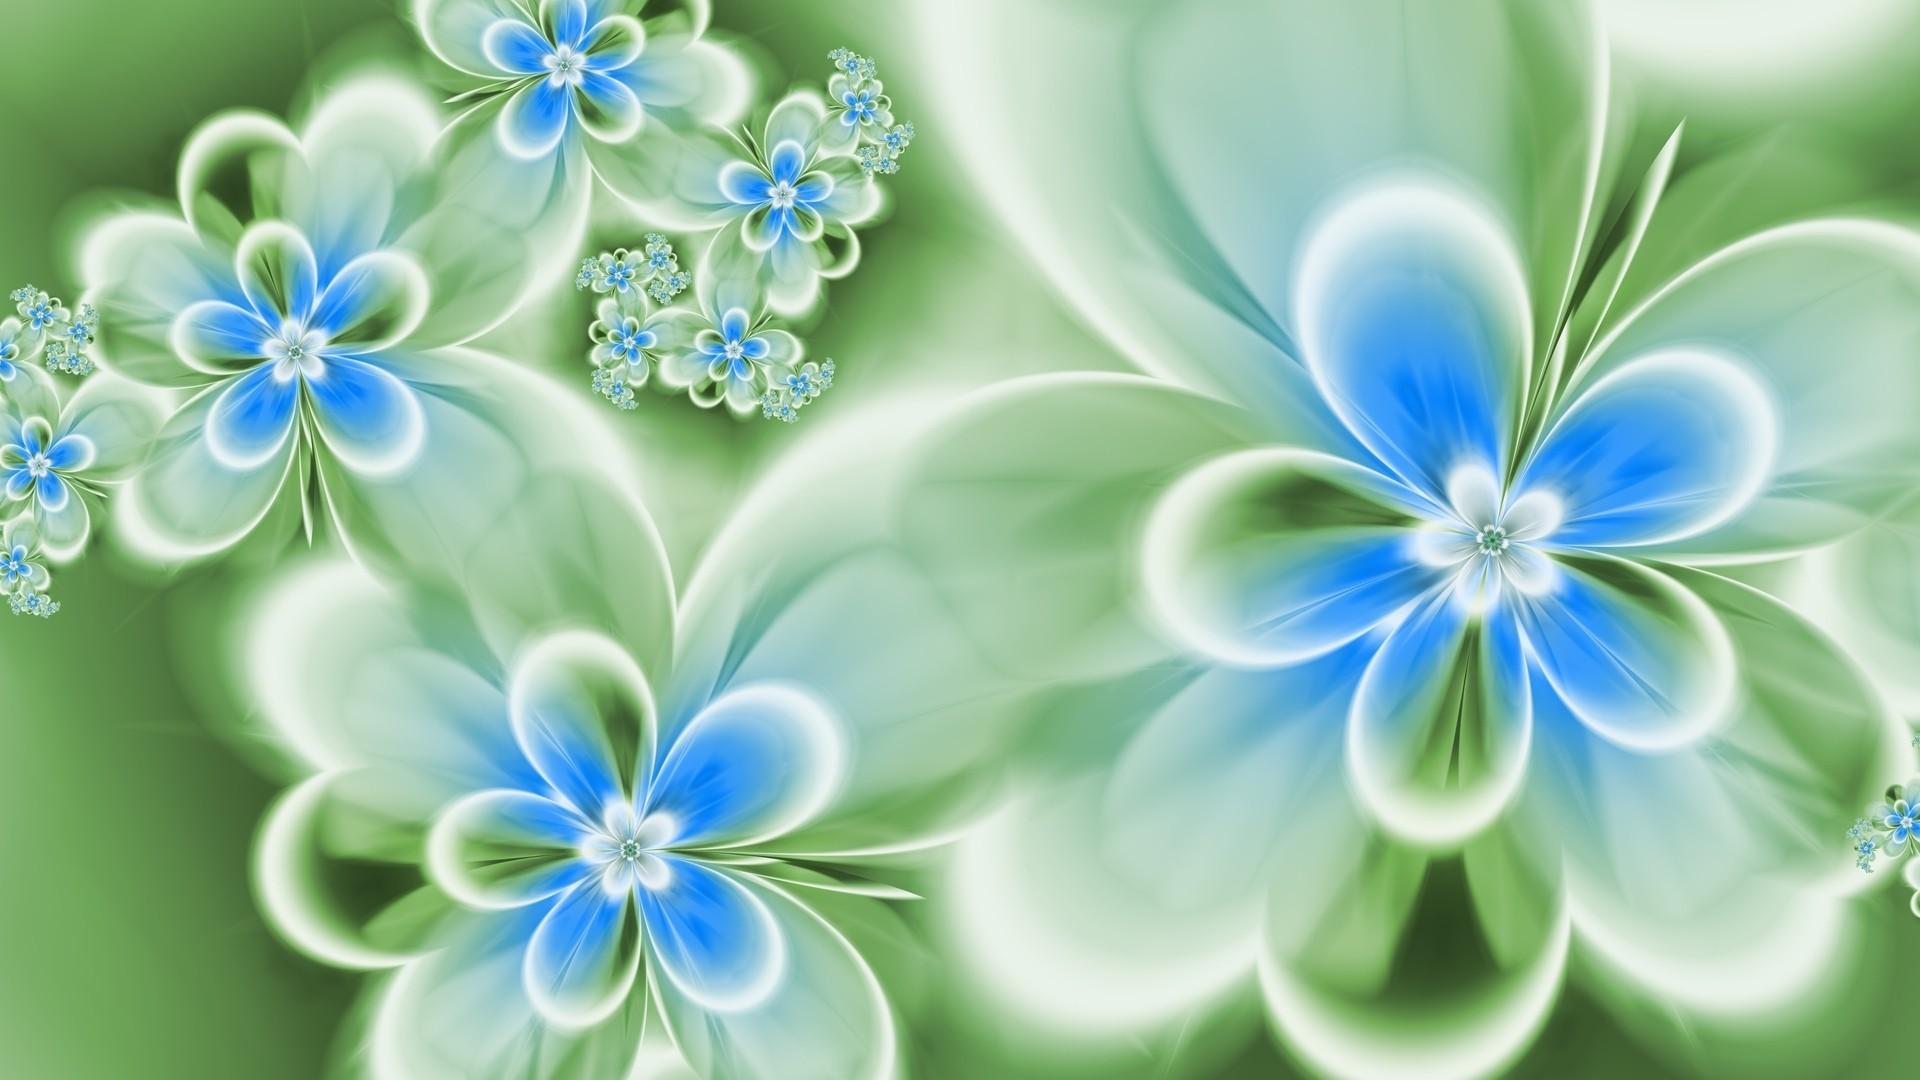 Blue Flower computer wallpaper